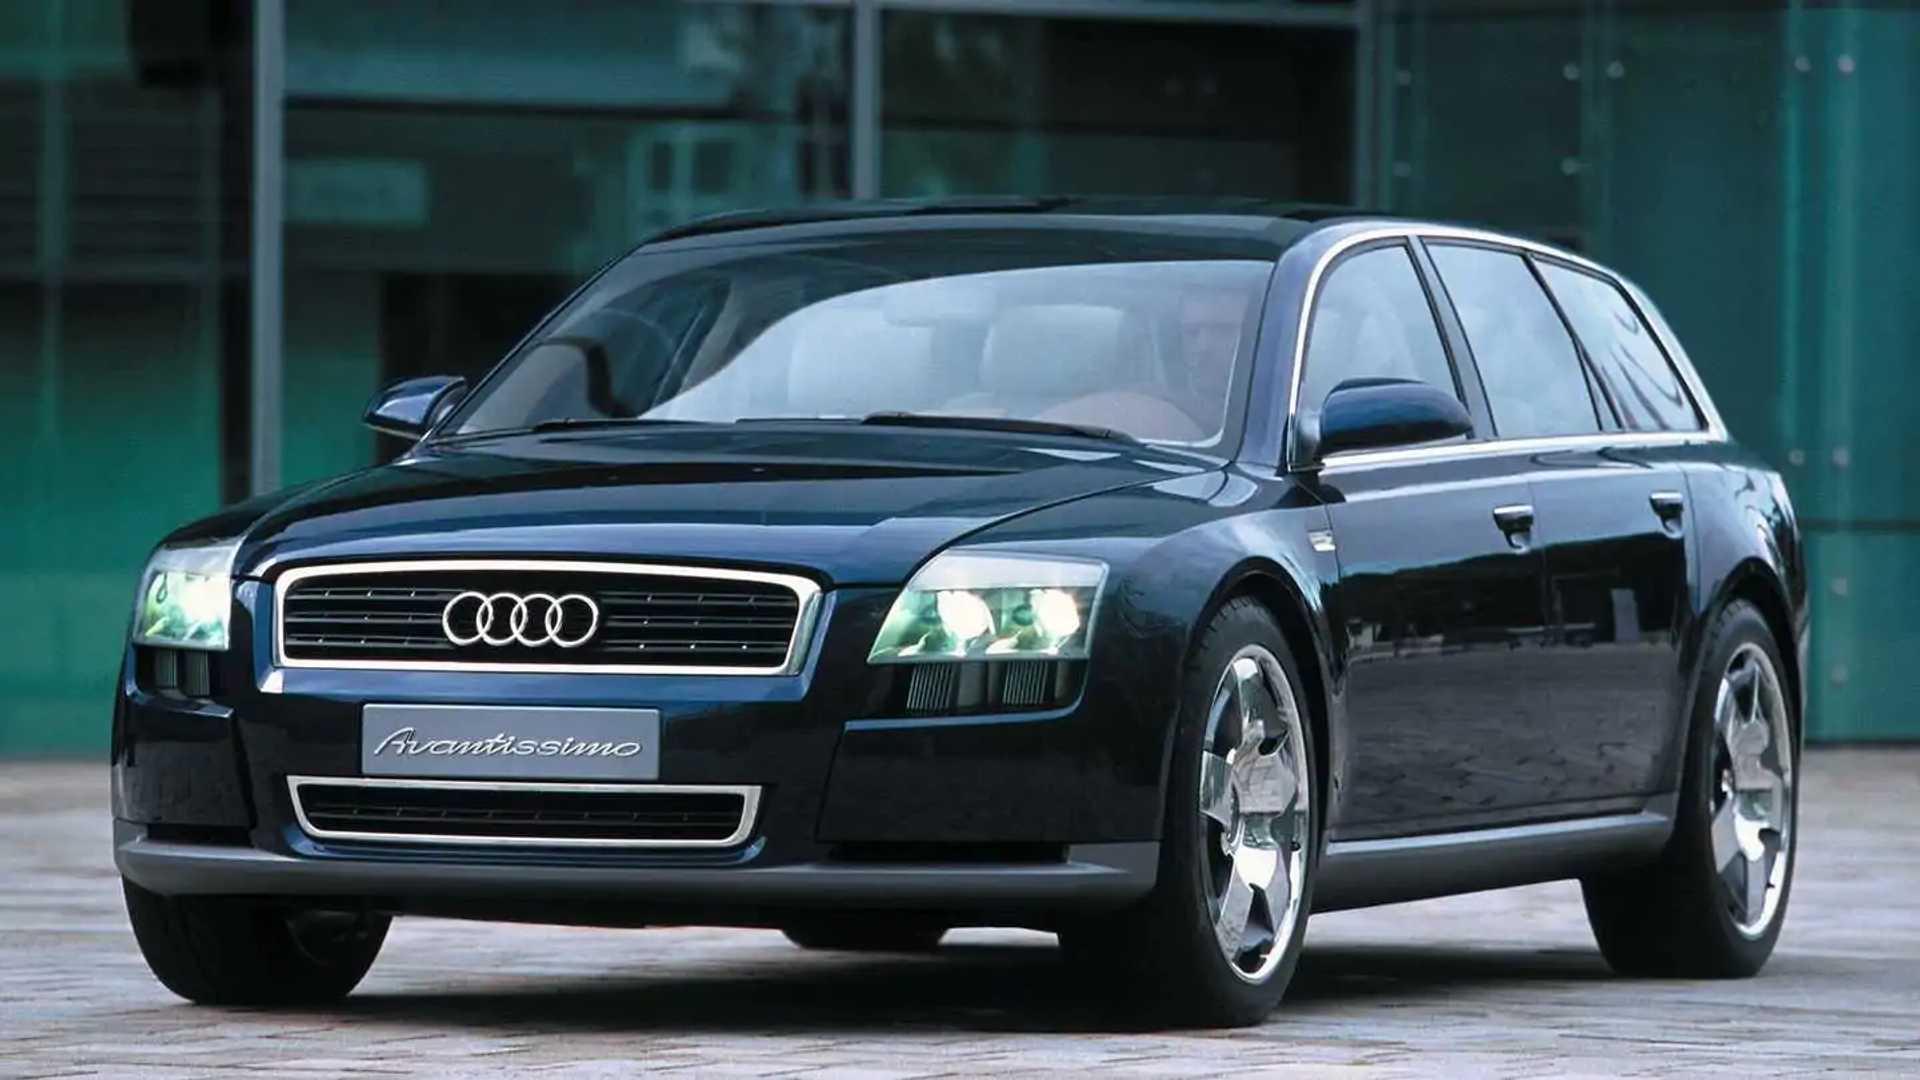 Concept oublié - Audi Avantissimo (2001)